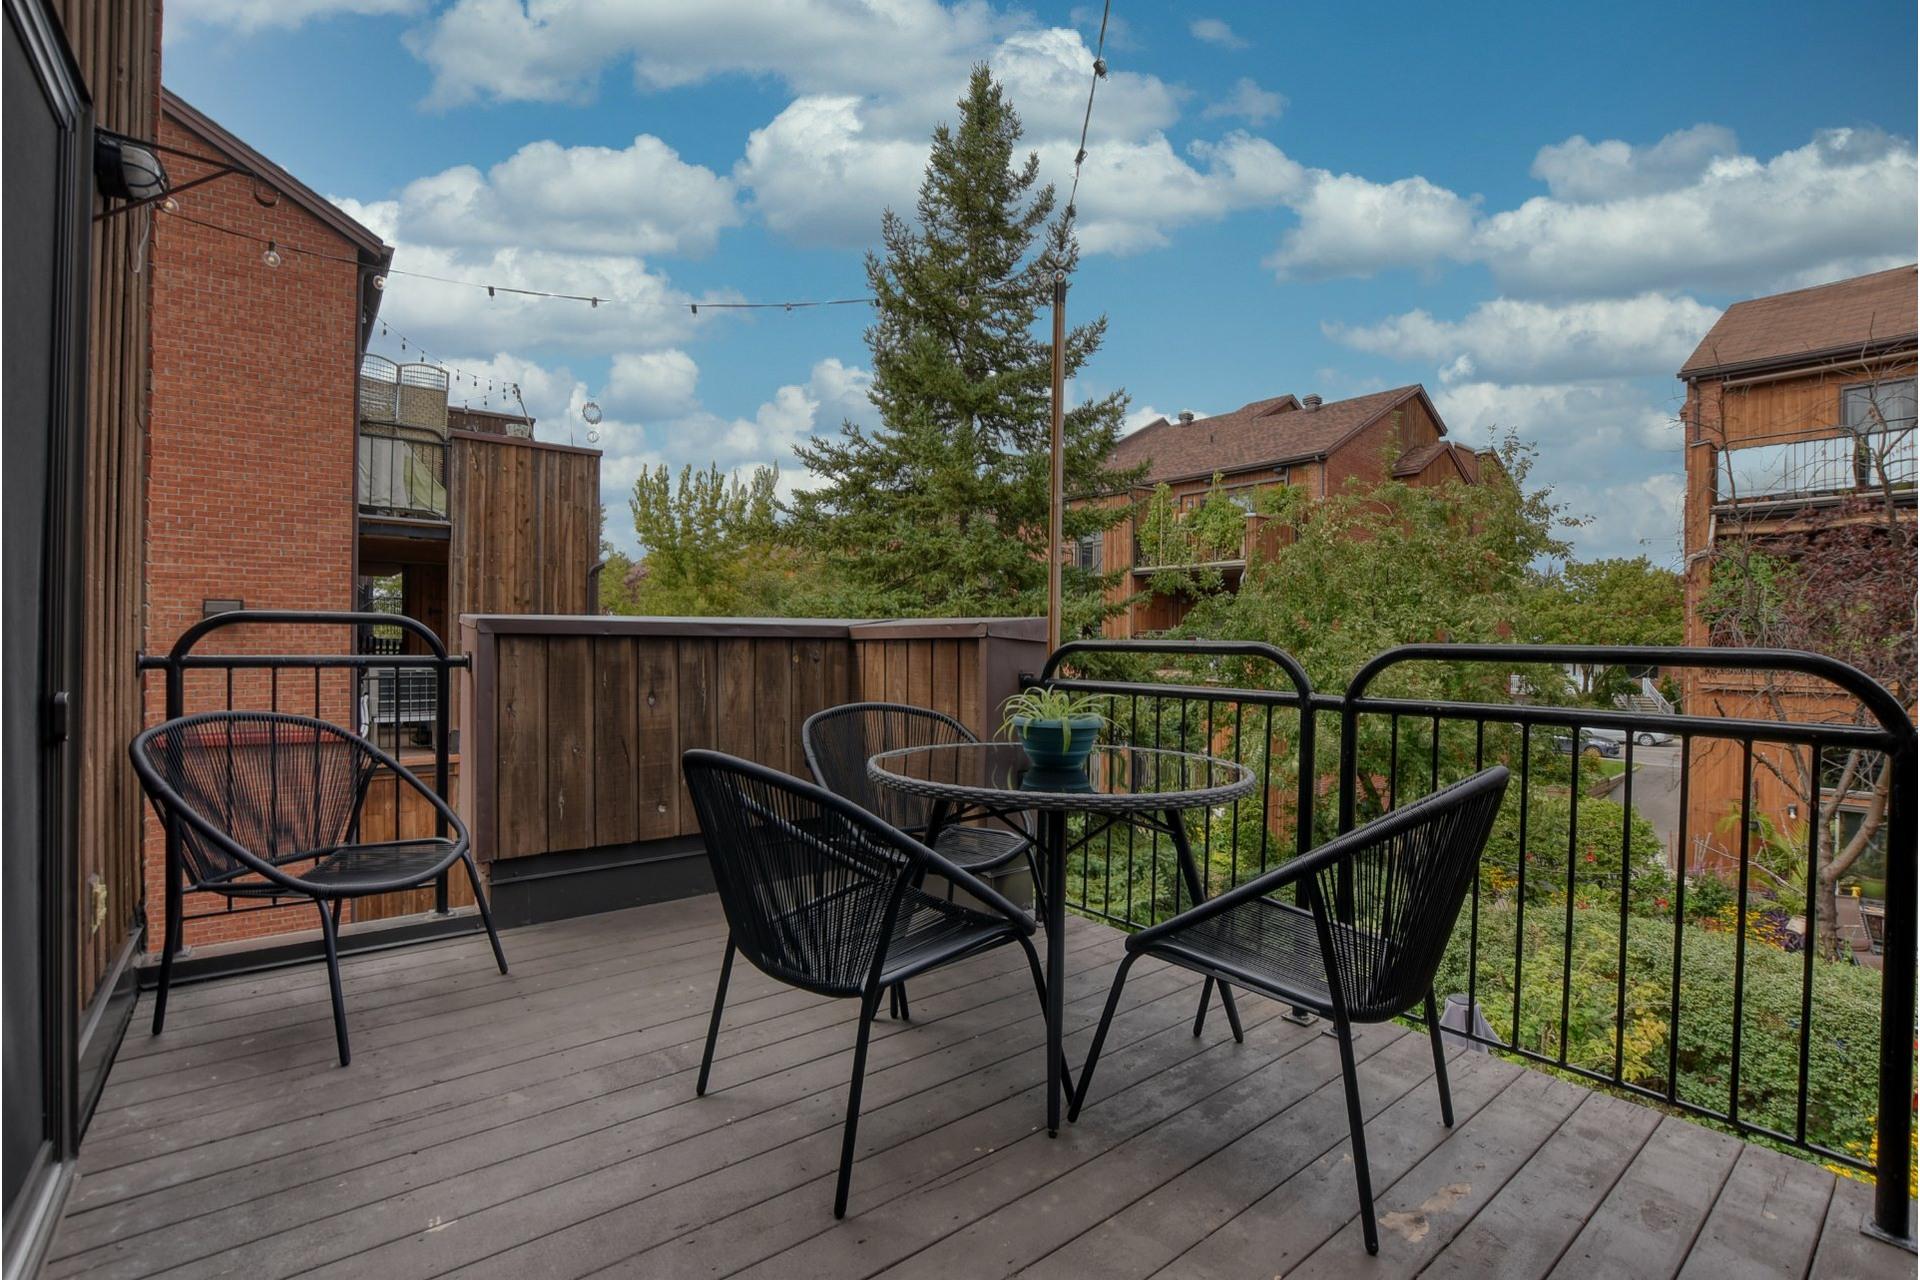 image 18 - Appartement À vendre Ahuntsic-Cartierville Montréal  - 5 pièces